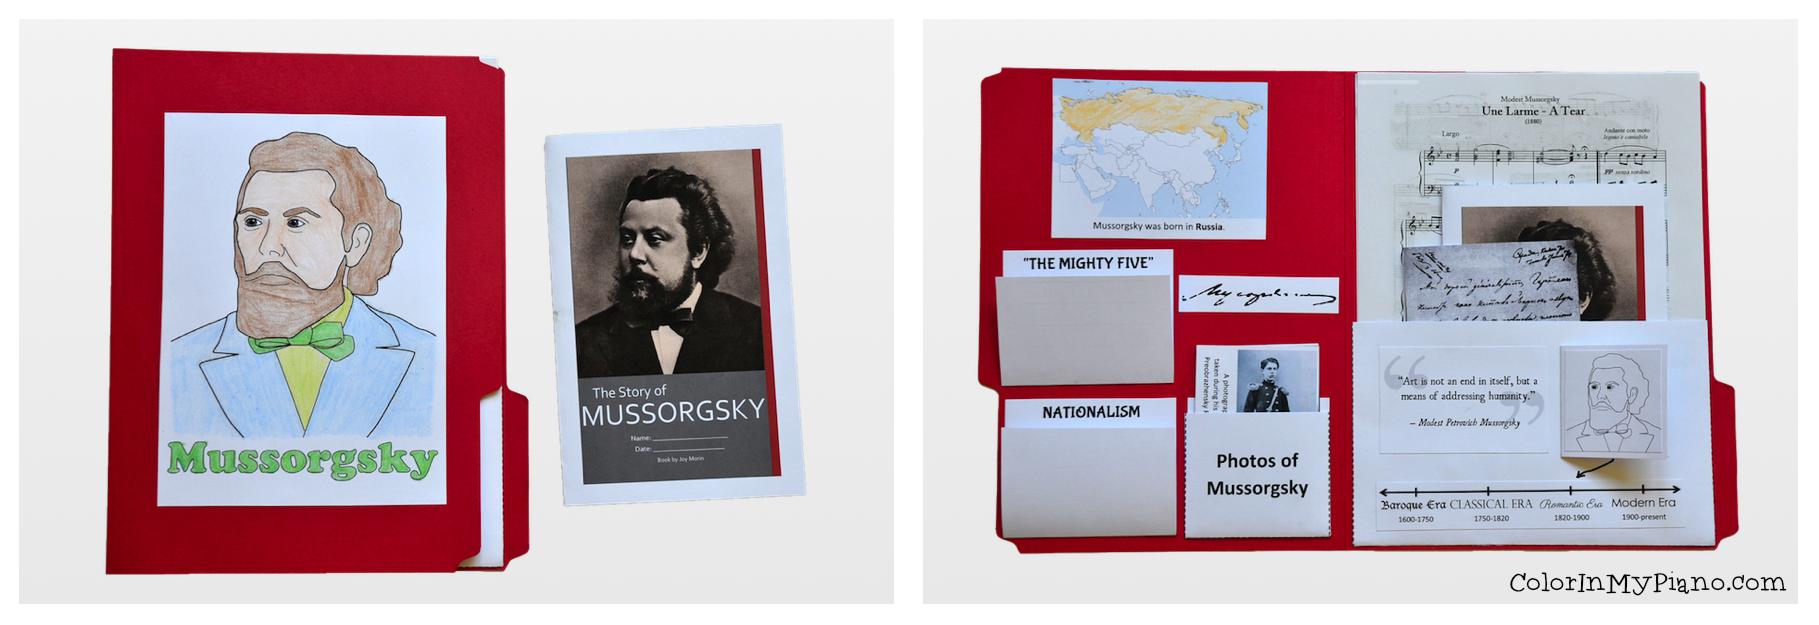 Mussorgsky both